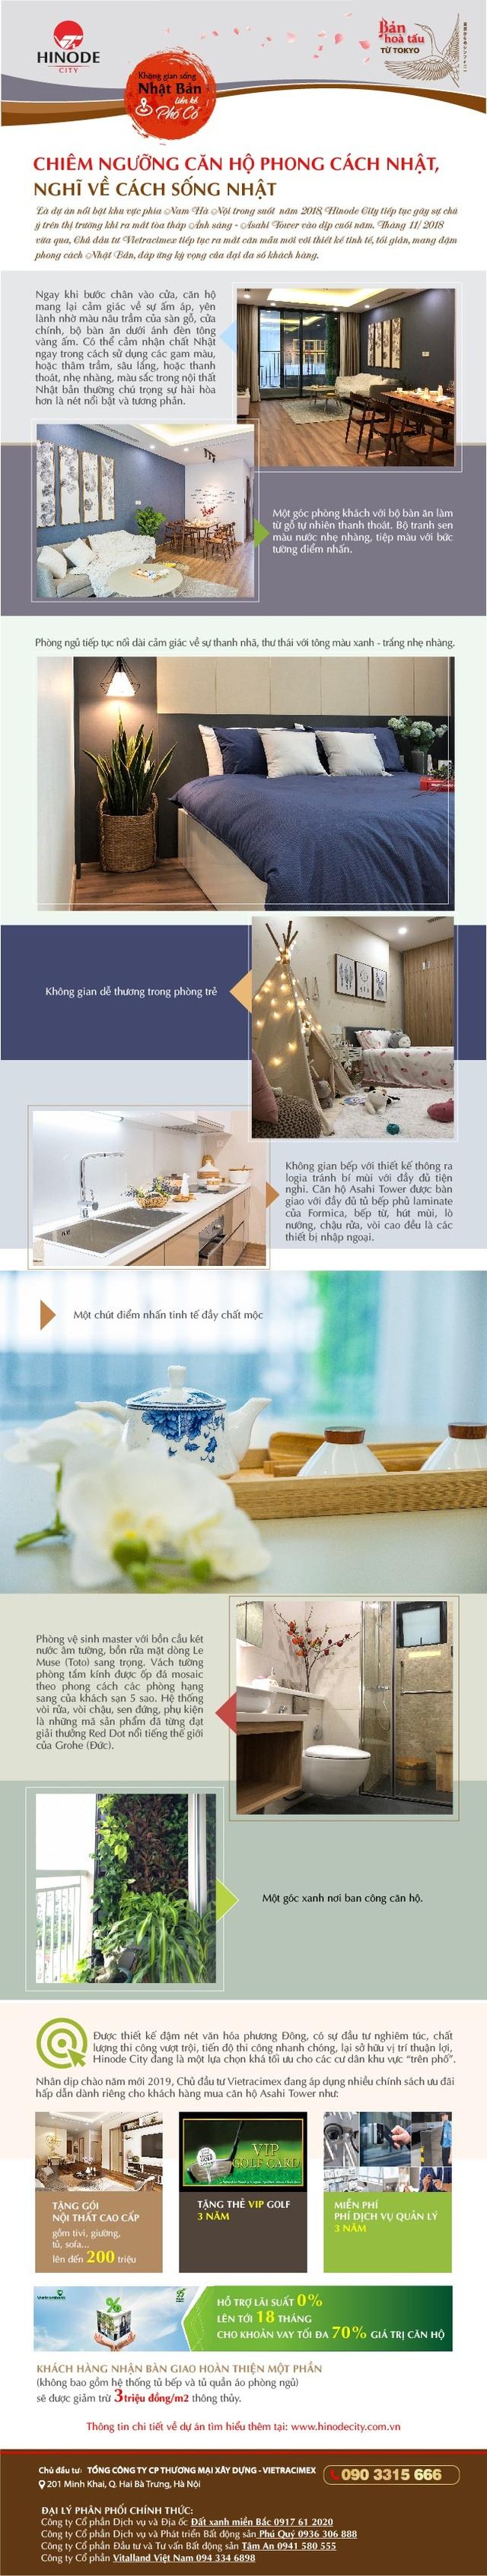 Chiêm ngưỡng căn hộ phong cách Nhật, nghĩ về cách sống Nhật - Ảnh 1.